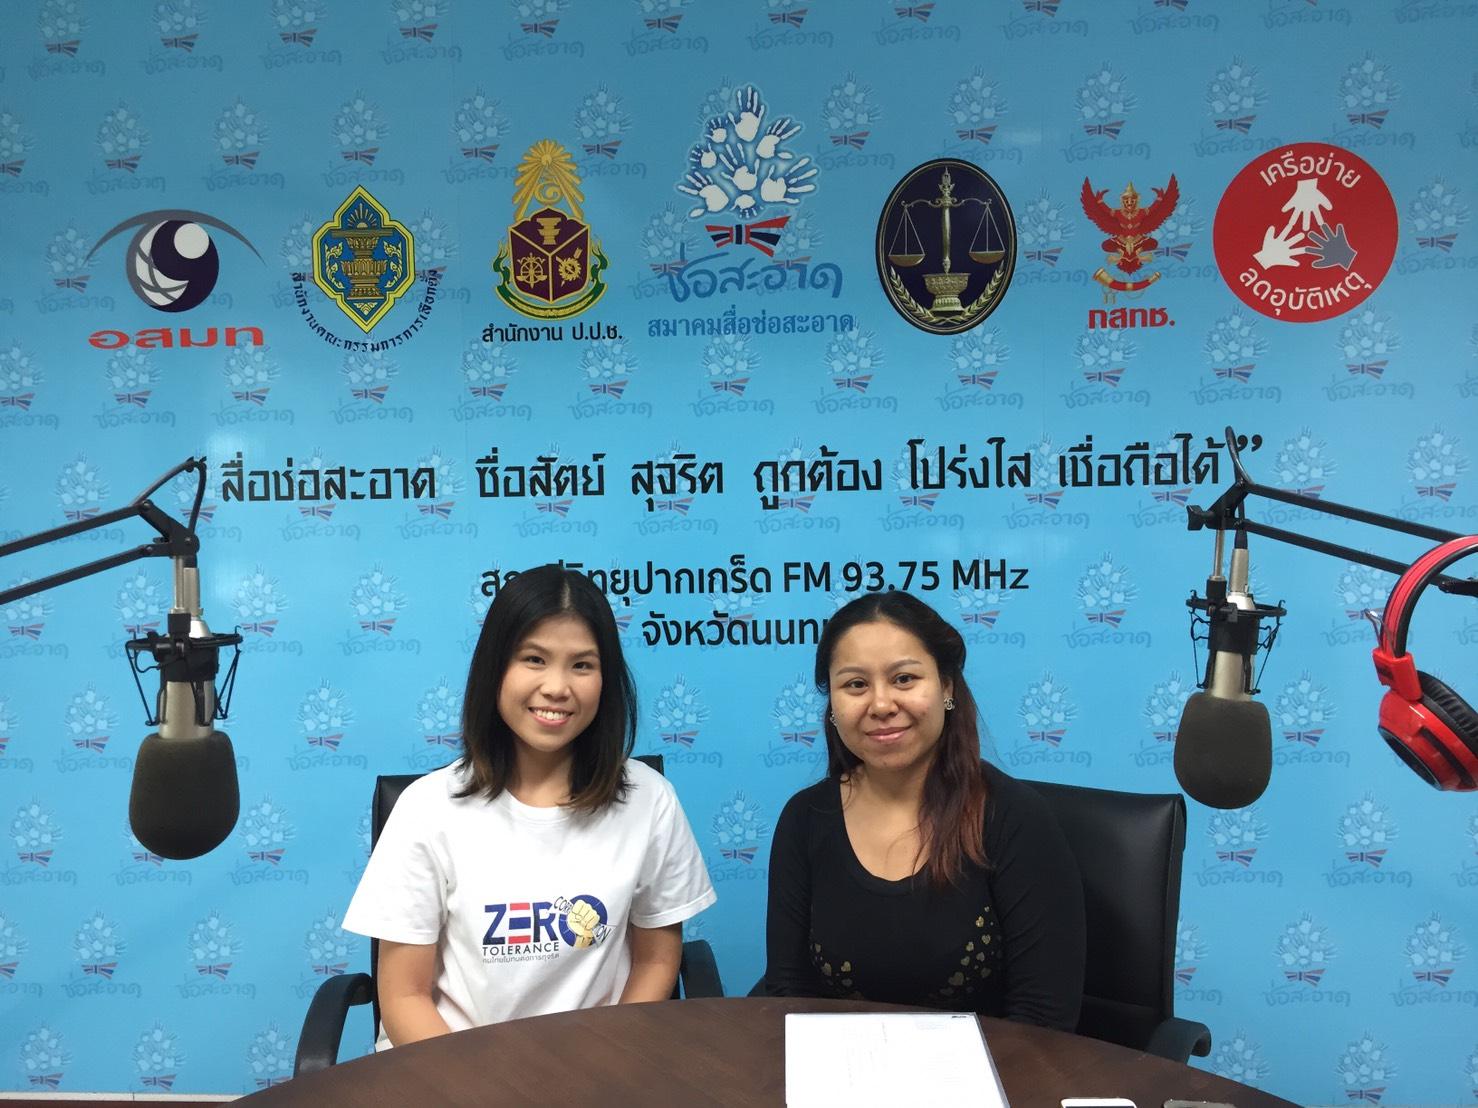 """รายการ """"คนไทยไม่ทนต่อการทุจริต""""  วันเสาร์ที่ 15 มิถุนายน 2562 เวลา 18.30-19.00 น."""